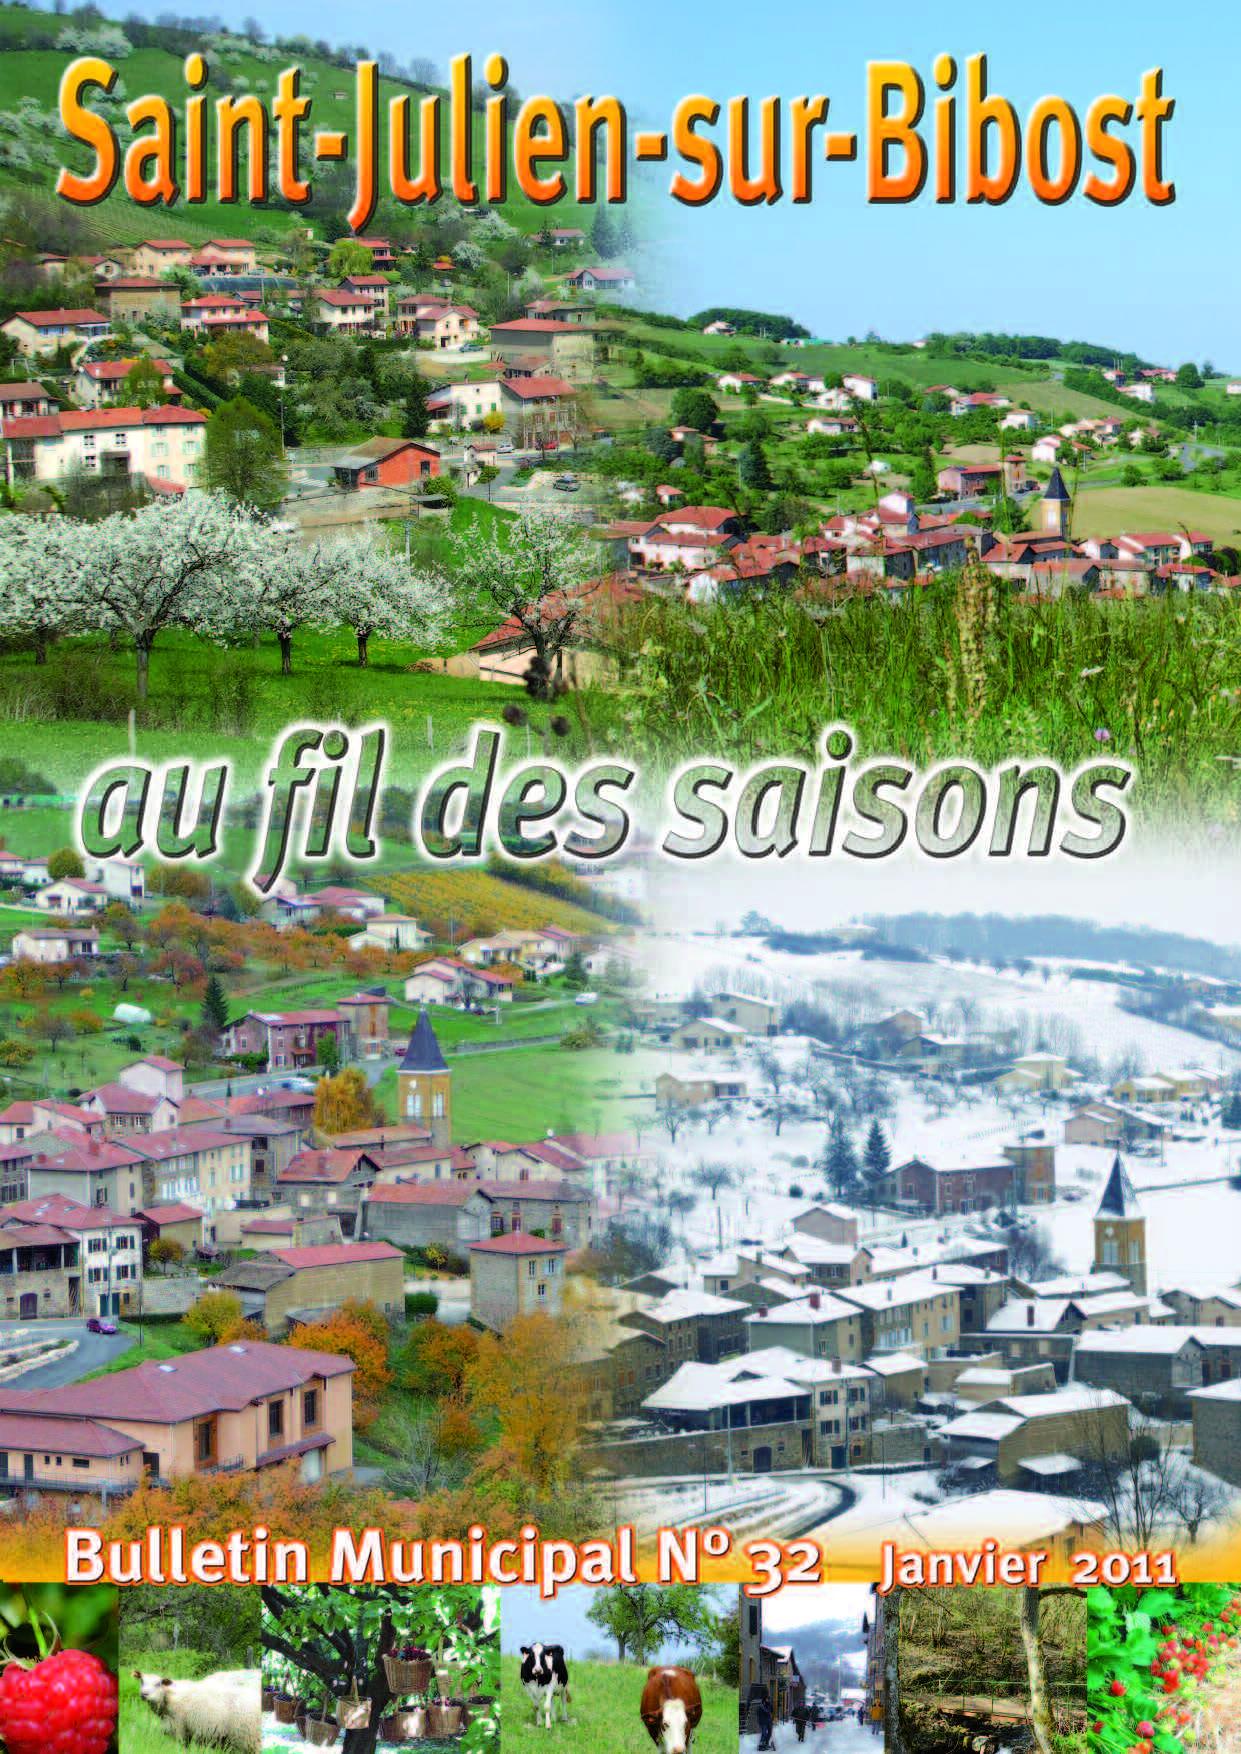 Bulletin_municipal_2011.jpg